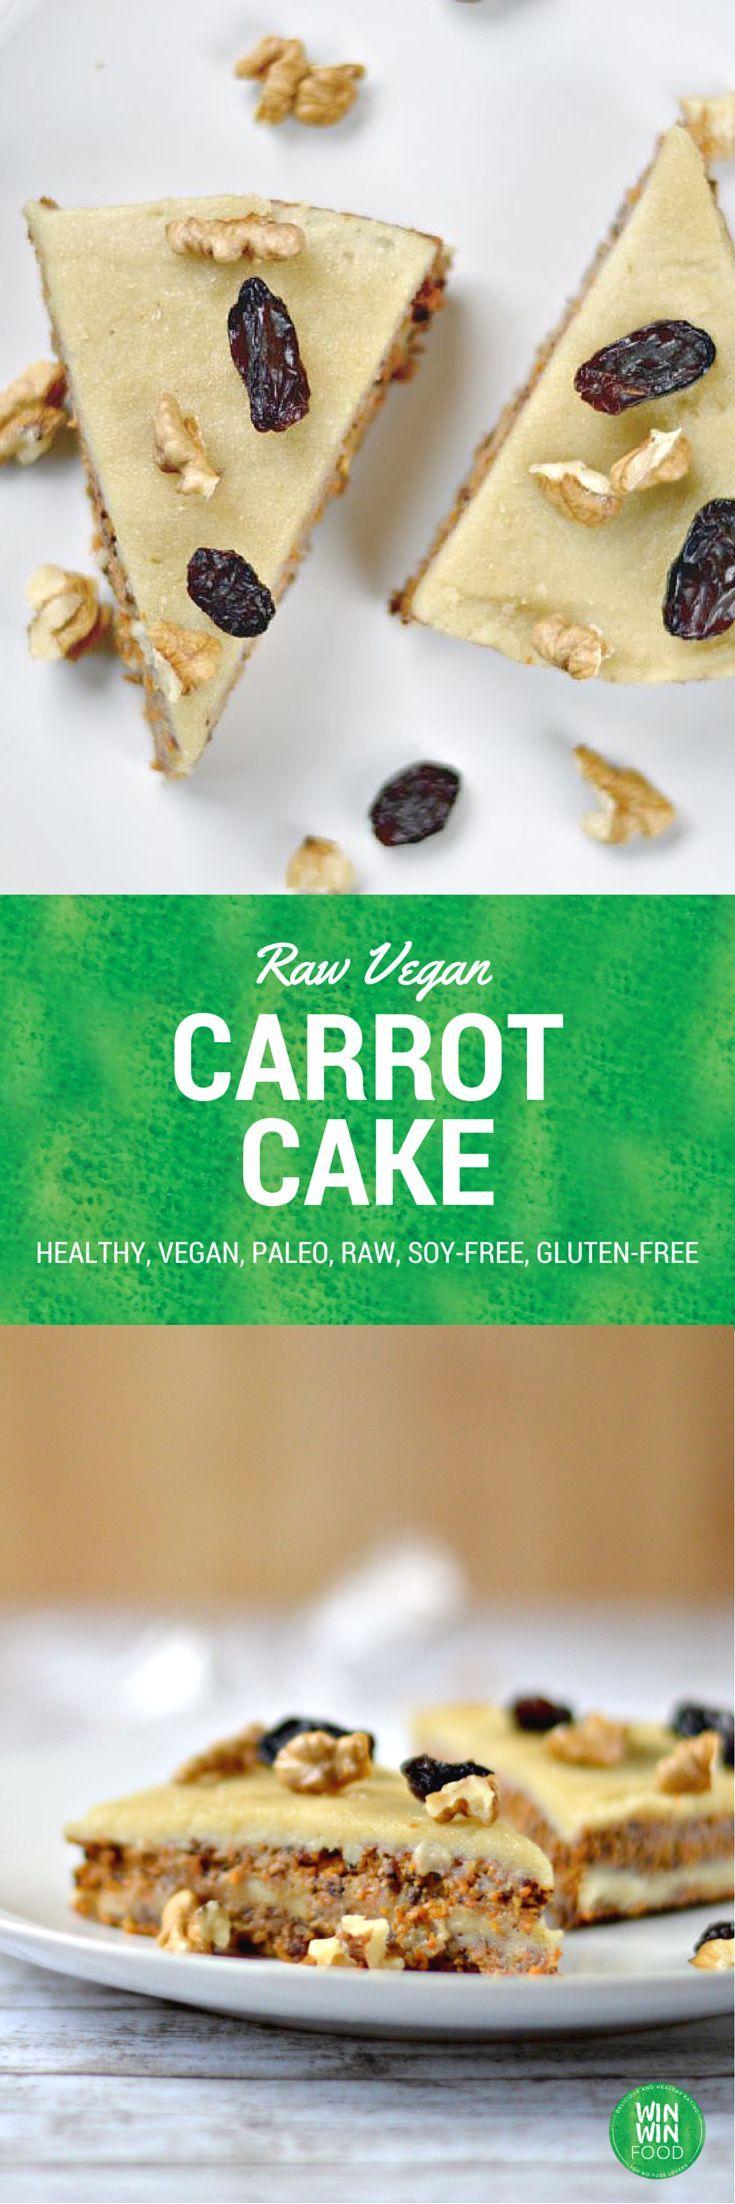 """Raw Vegan Carrot Cake: ⅔ T (80 g) Walnüsse      1 und ⅓ T (220g) Rosinen      5-(300g) Karotten, geschält u. grob gehackt  ,½ -1TL Zimt       2 EL (15 ml) Kokosöl      1 TL Vanilleextrakt      1 T rohe Frosting (1 1/2 T Cashewnüsse 1/2 T Wasser 3 EL Kokosöl 2 EL Honig 1 EL reiner Vanille-Extrakt 1/4 Teelöffel Meersalz Sie mögen :)1hKühlen!)   Anleitung:außer für die Glasur in einem Mixer, bis die Mischung kompakt und hält zusammen. Schichten:1/2 """"Teig"""",1/2 Glasur.      Wiederholen, kühlen."""